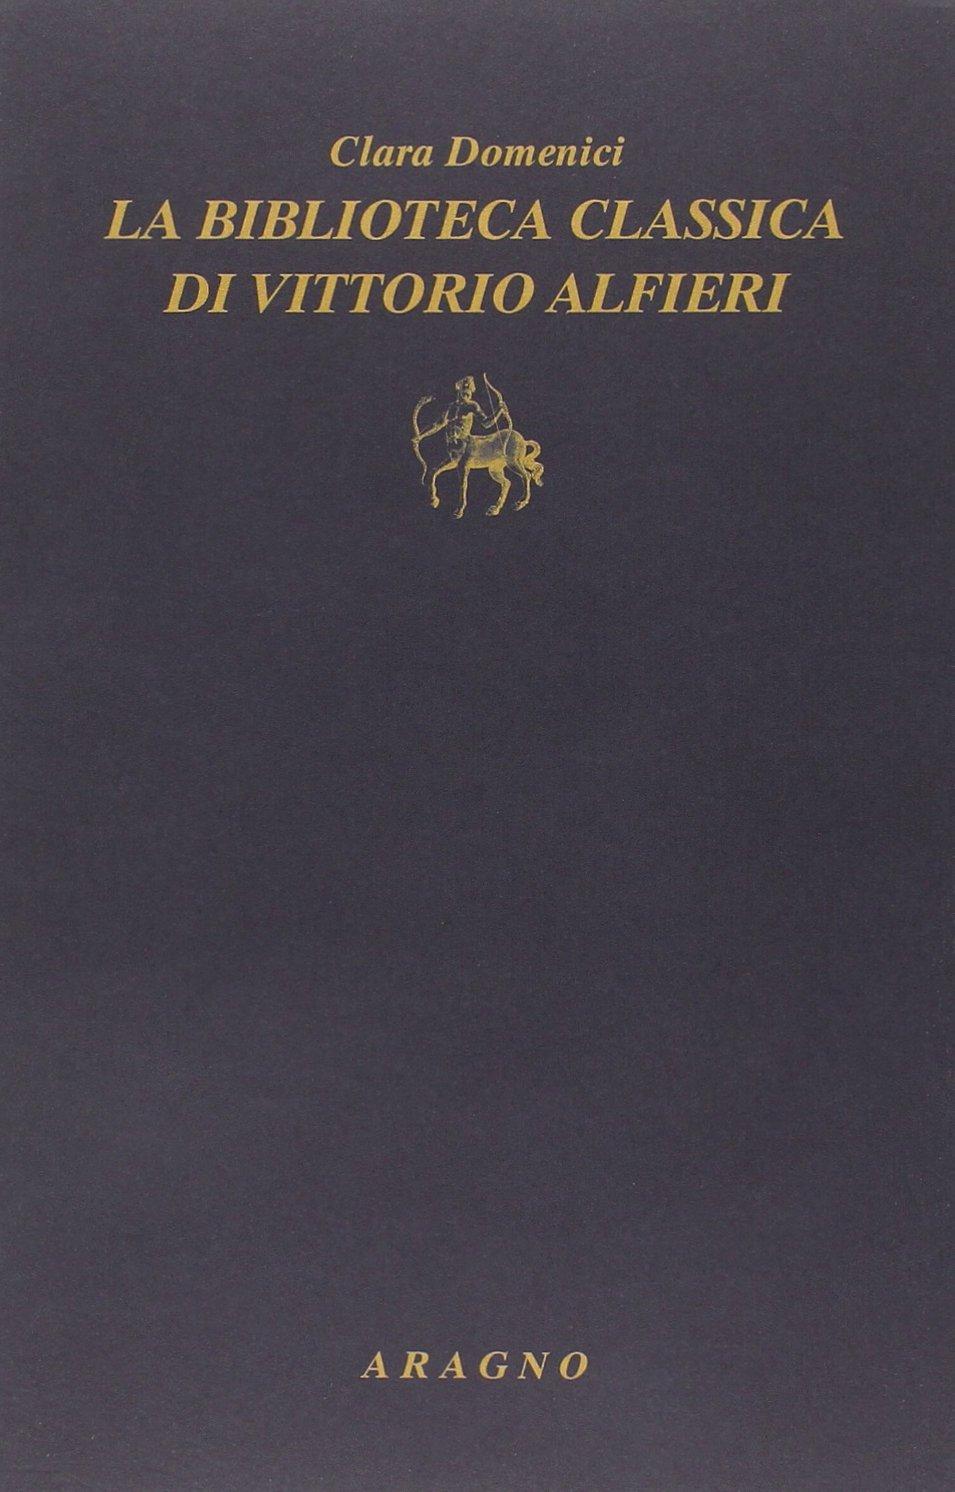 La biblioteca classica di Vittorio Alfieri Copertina flessibile – 1 set 2014 Clara Domenici Aragno 8884196876 Saggistica